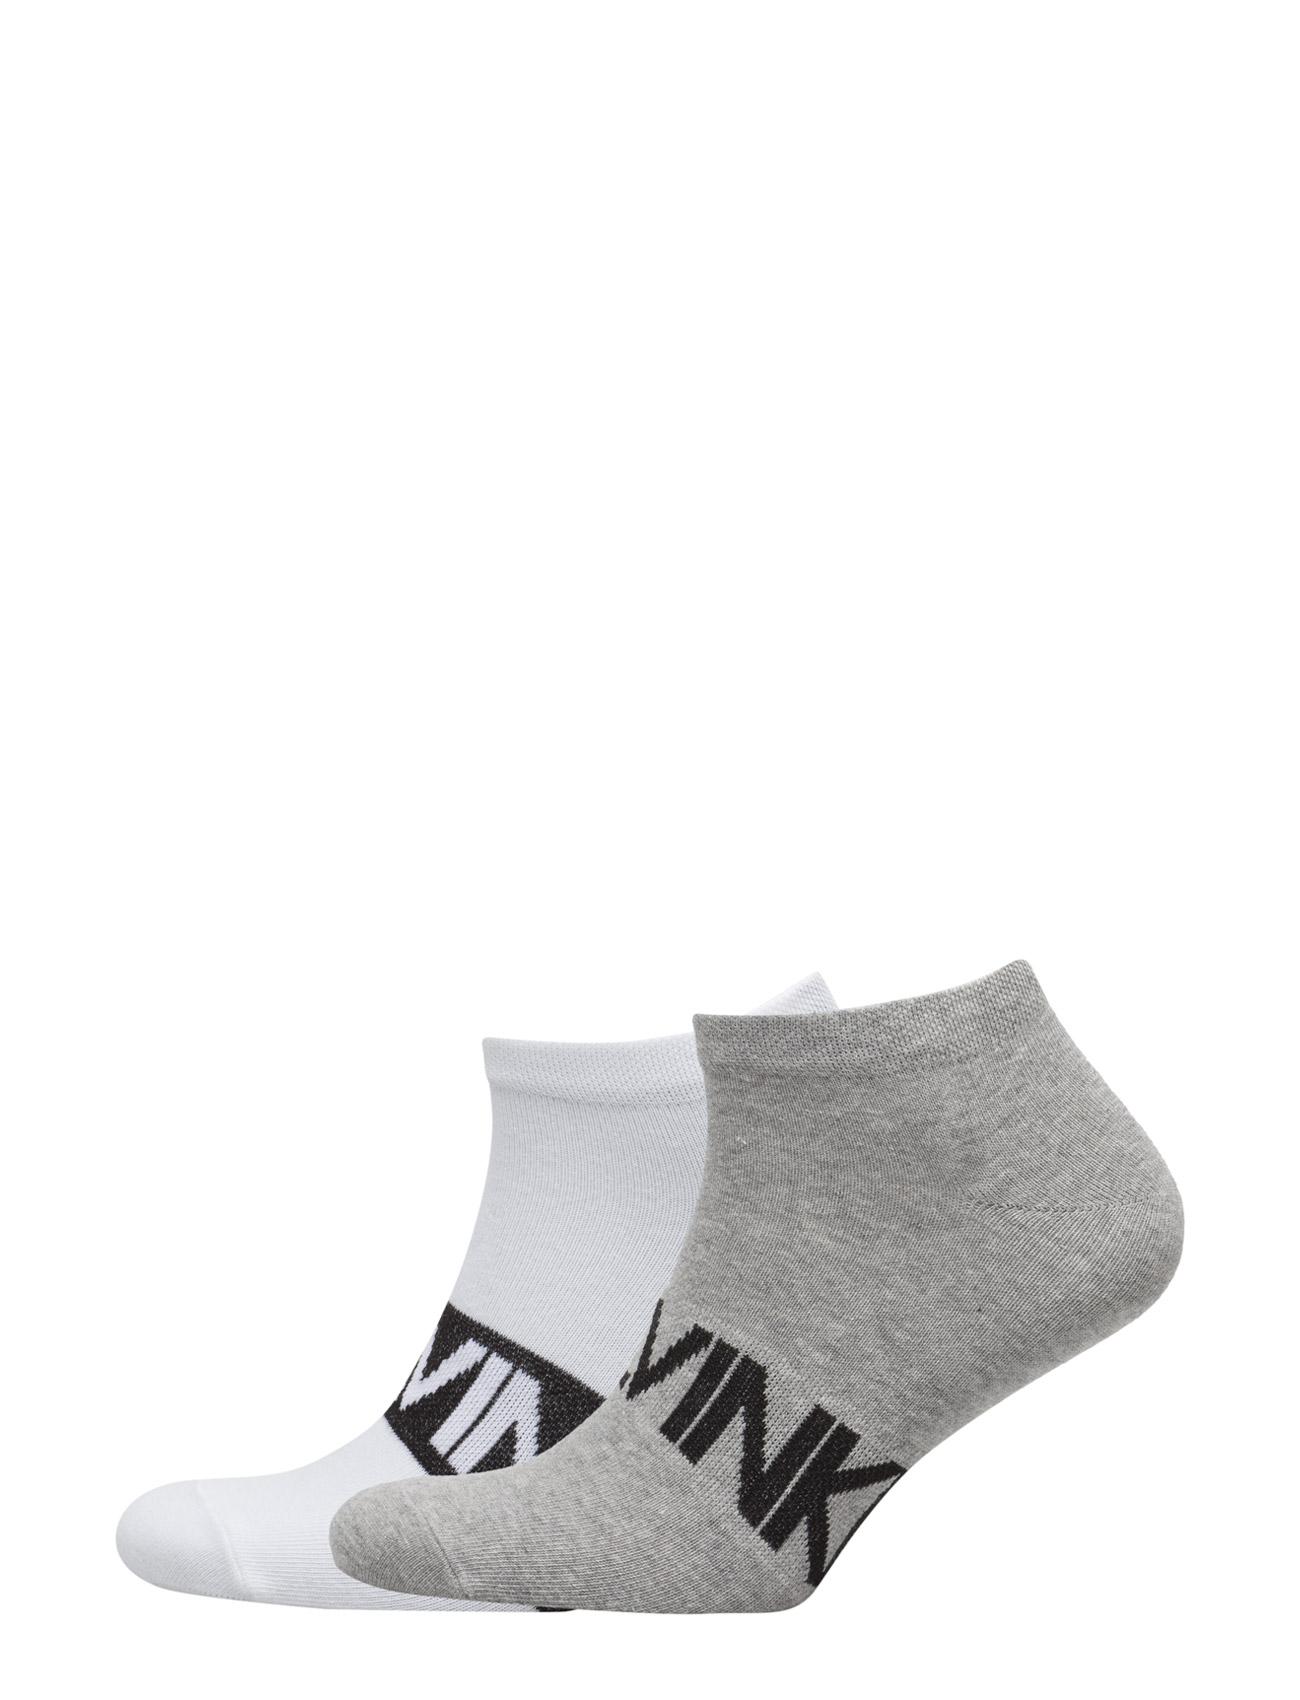 Ck Dirk 2pk Liner 96 Calvin Klein Sokker til Herrer i